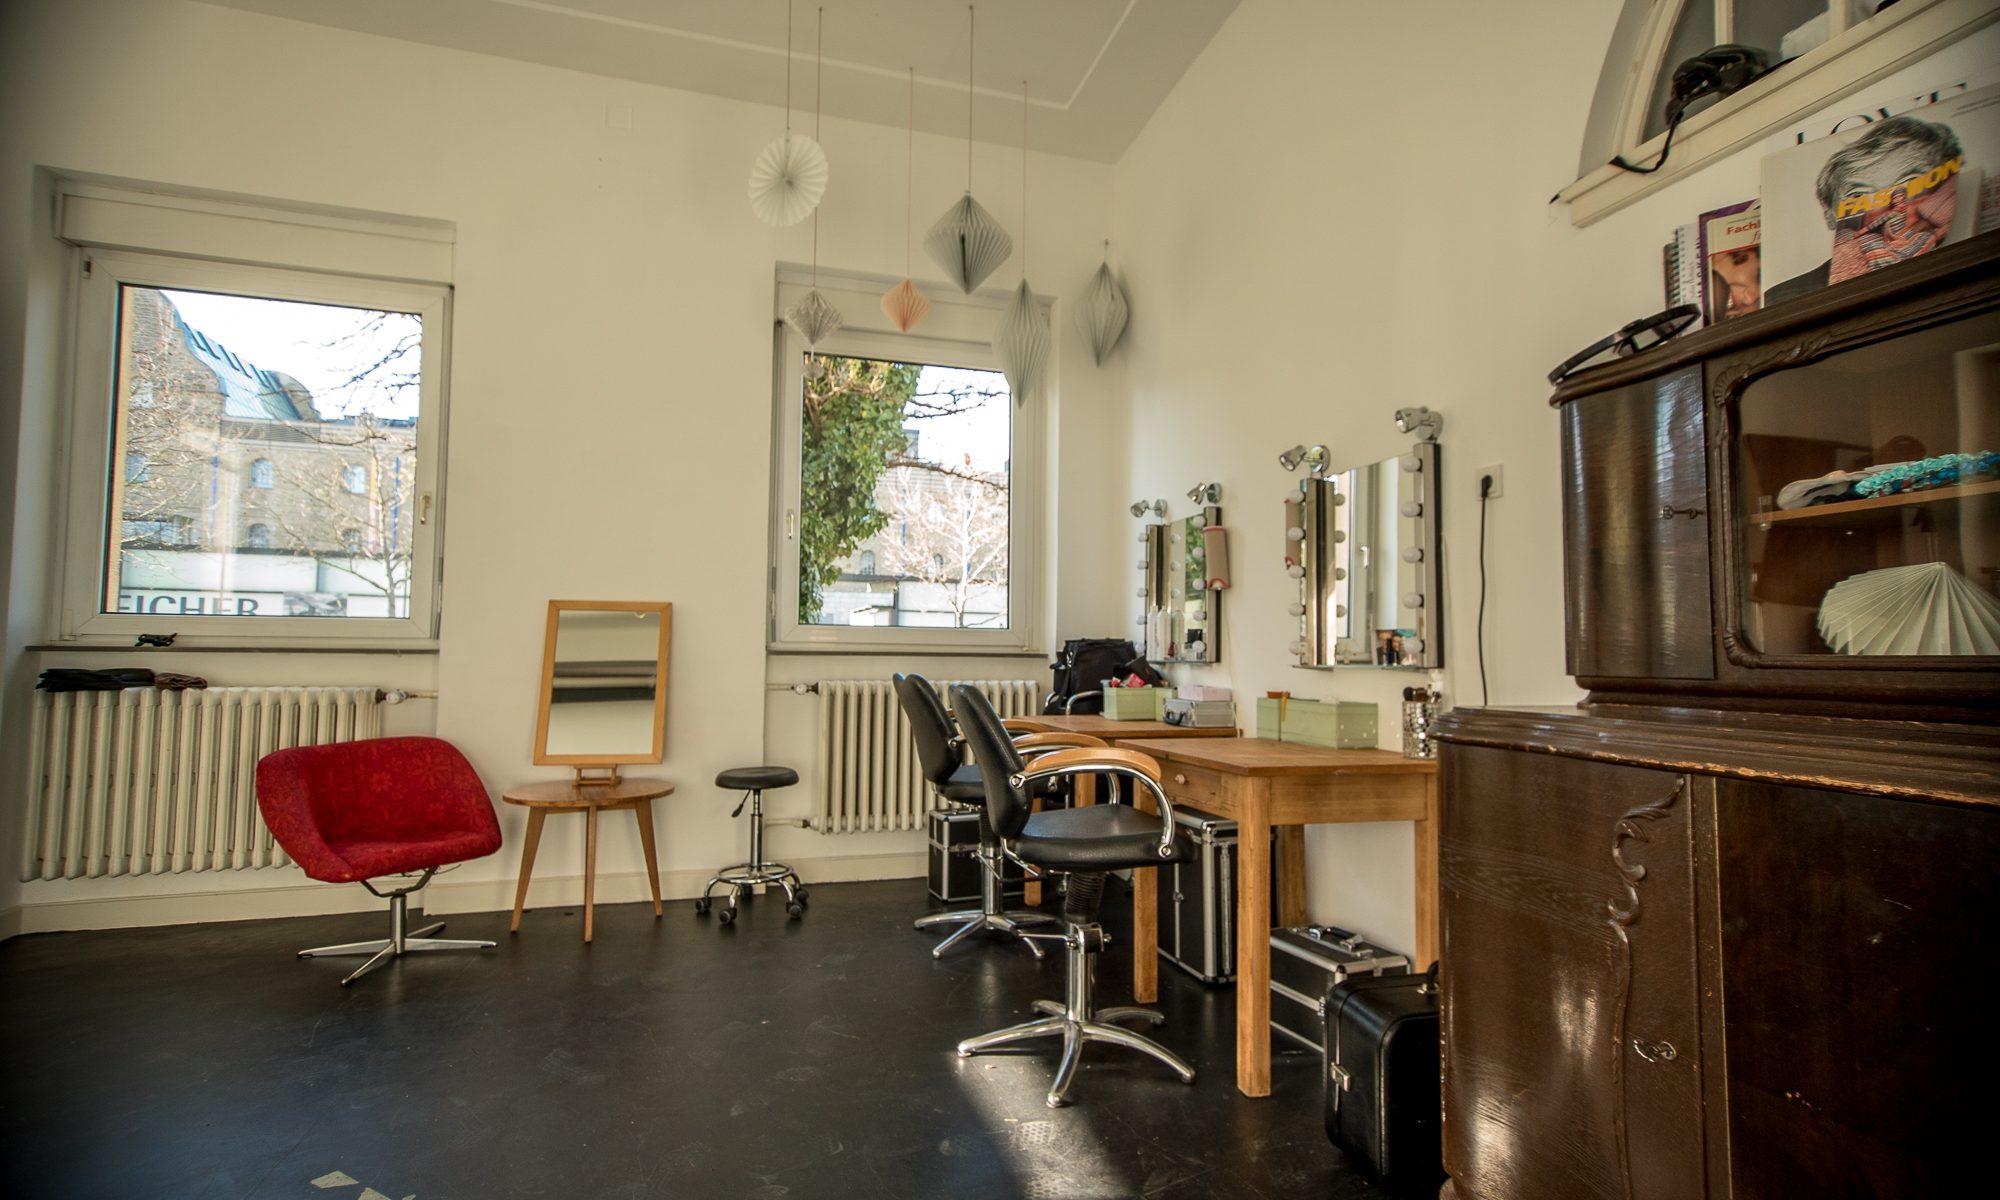 Fotostudio & Atelier im Coworking Würzburg